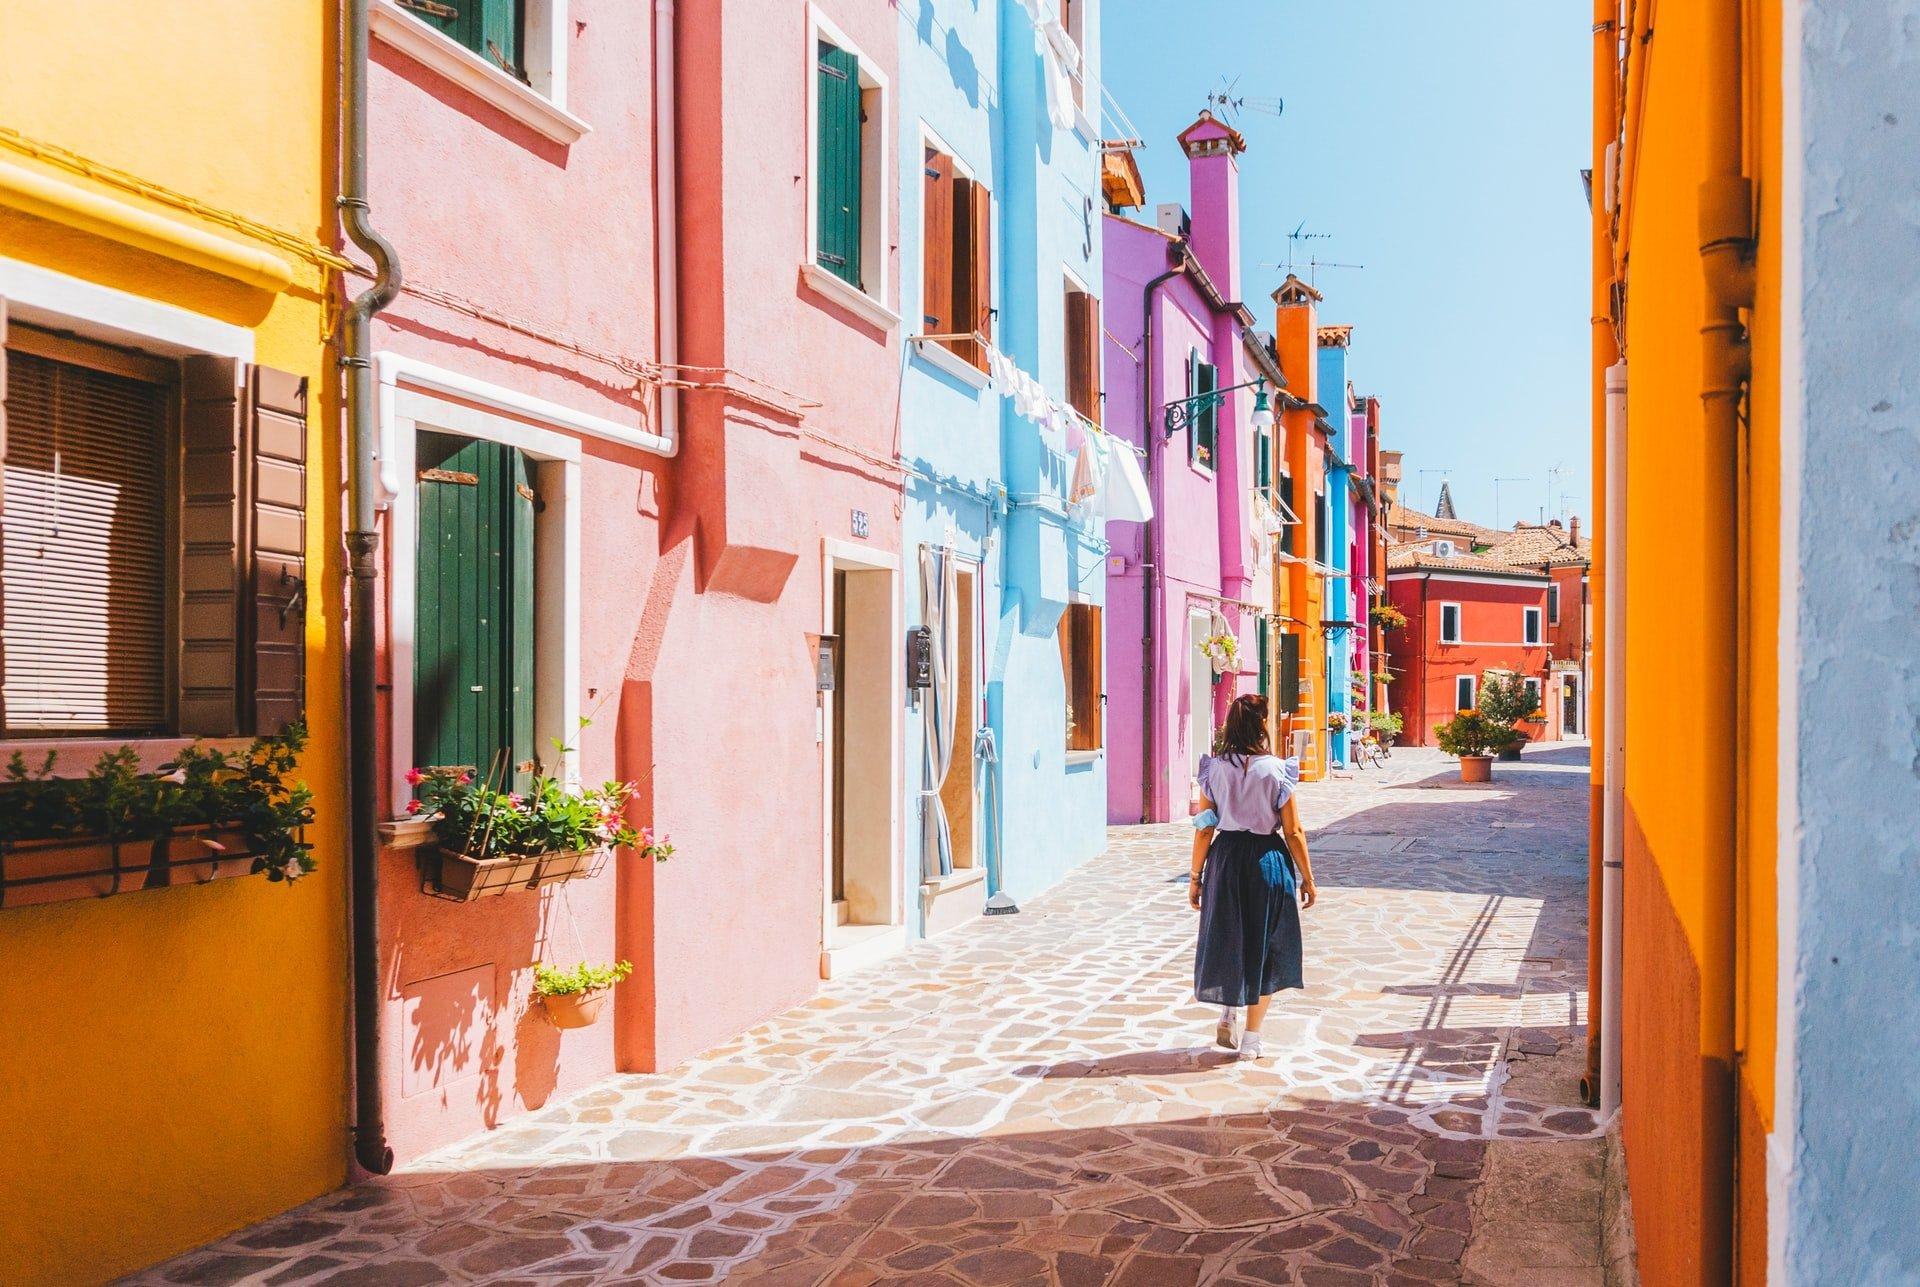 City walking in Venice